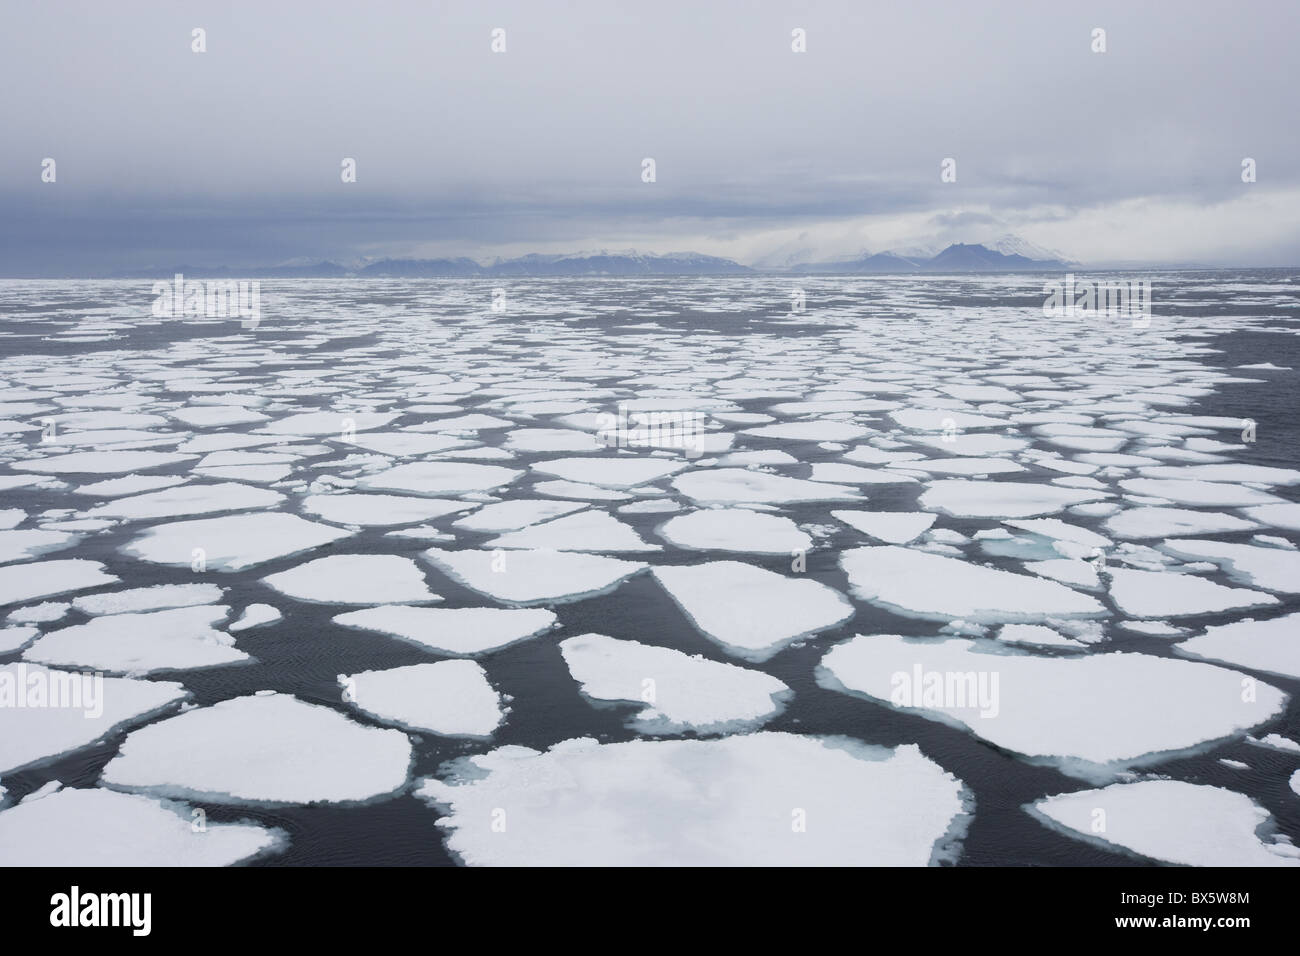 Témpano de hielo a la deriva, Groenlandia, el Ártico, las regiones polares Imagen De Stock